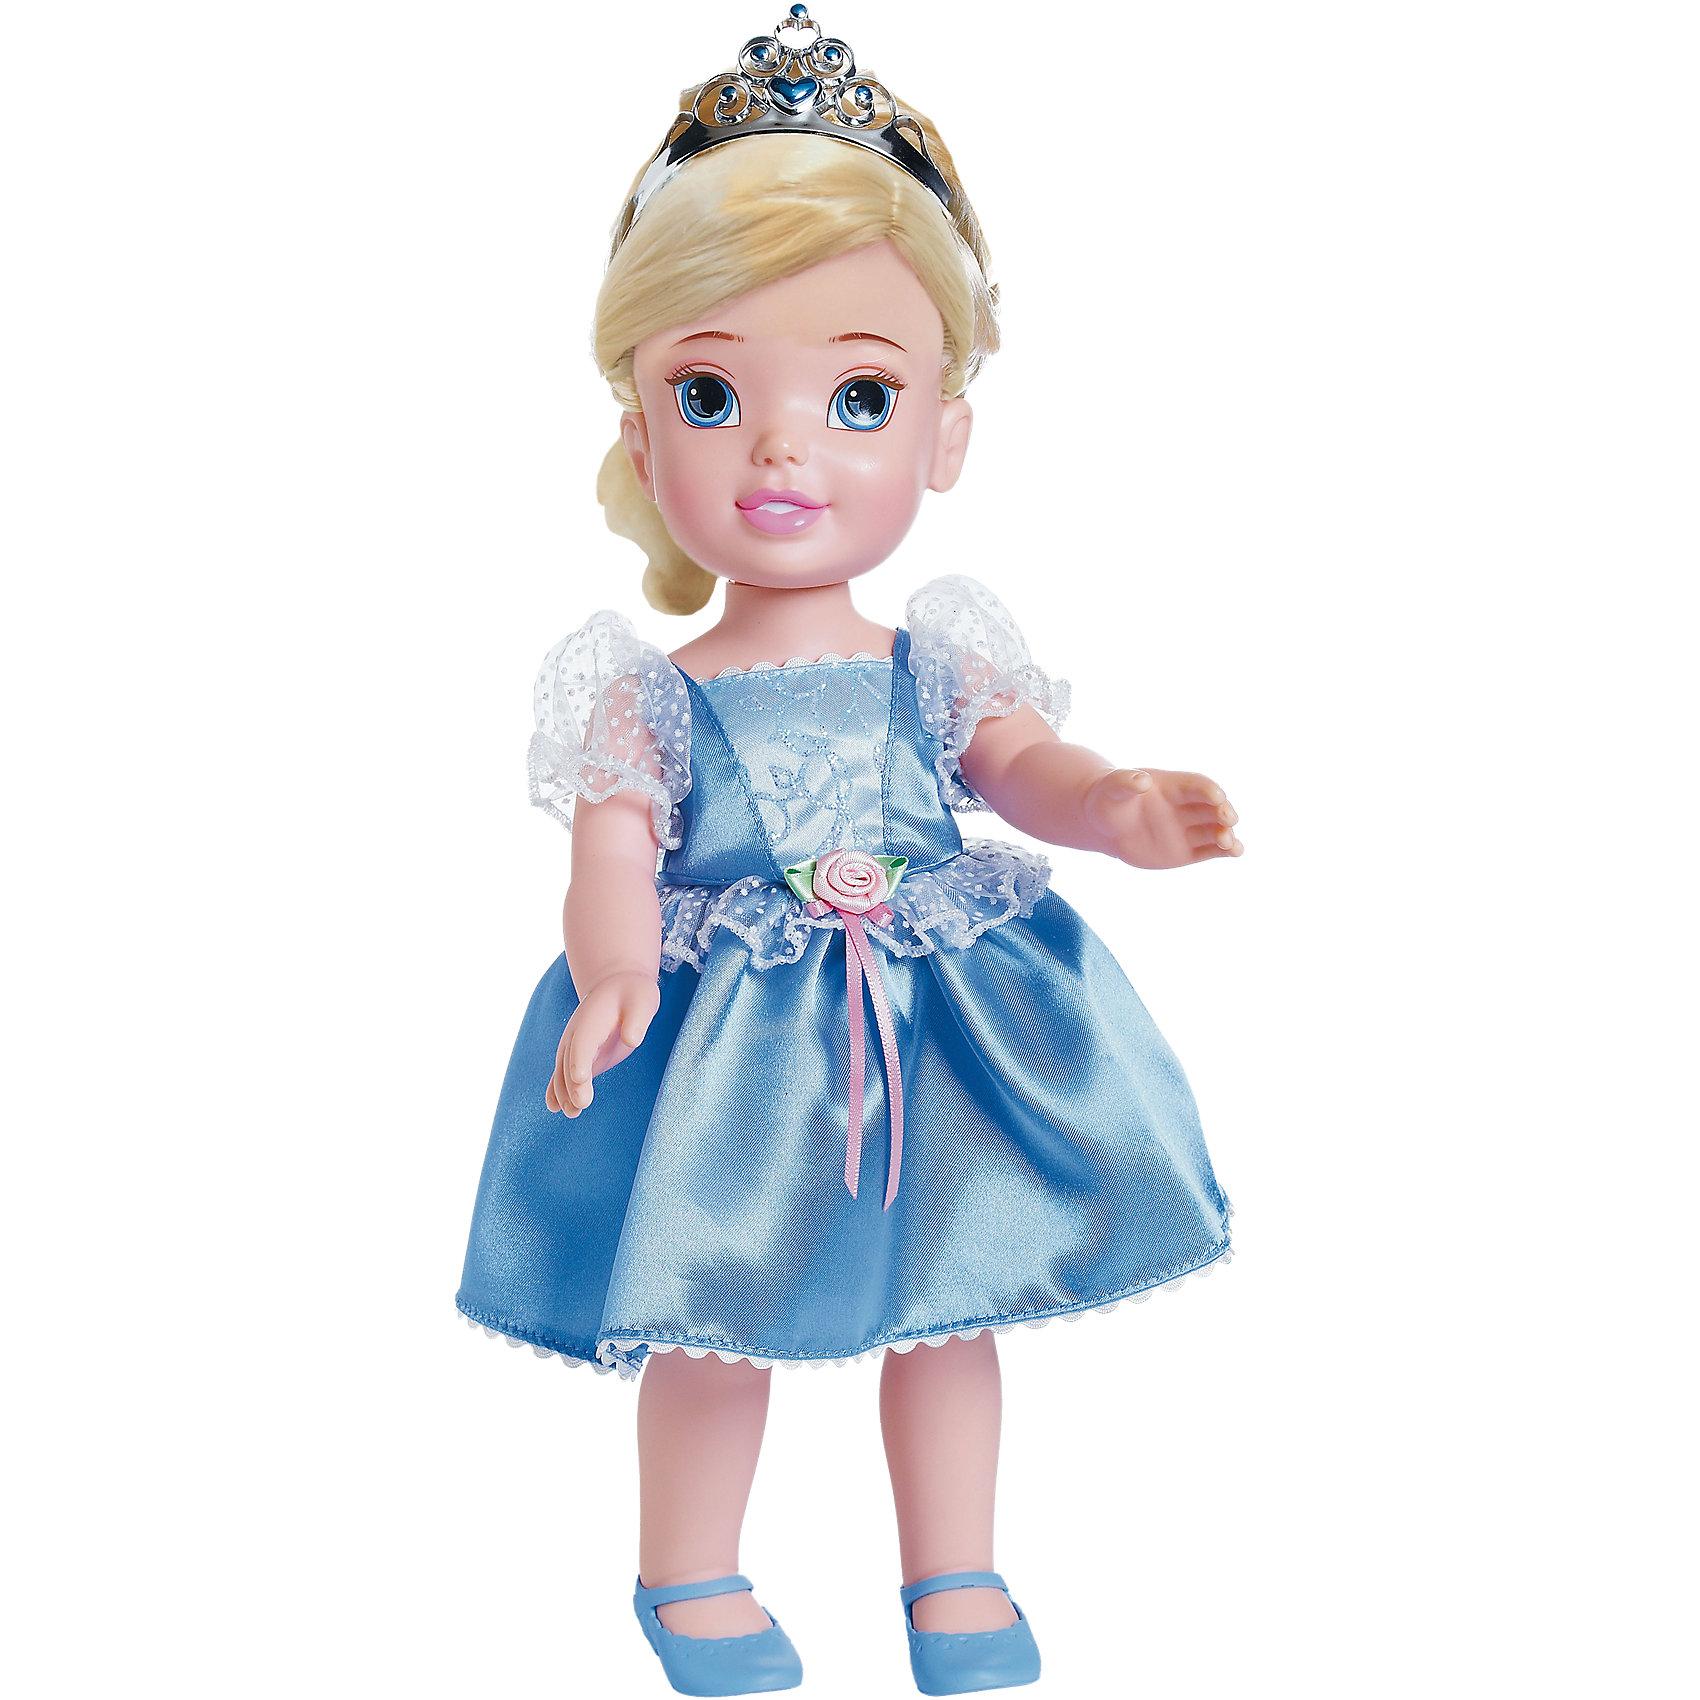 Кукла Золушка, 31 см, Принцессы ДиснейКукла Золушка, Disney Princess, станет чудесным подарком для всех юных поклонниц знаменитой романтической сказки. Золушка представлена в образе очаровательной малышки, которая, несмотря на свой юный возраст, выглядит как настоящая принцесса. У куколки доброе милое личико с большими голубыми глазами, длинные мягкие светлые волосы хорошо расчесываются и их можно укладывать в различные прически. Головку Золушки украшает блестящая тиара с драгоценными камнями. Одета куколка в роскошное голубое платье с пышной юбкой и кружевными оборочками. Руки и ноги куклы подвижные.<br><br>Дополнительная информация:<br><br>- Материал: высококачественный пластик, текстиль.<br>- Высота куклы: 31 см.<br>- Размер упаковки: 17 х 11,5 х 35 см.<br>- Вес: 0,52 кг.<br><br>Кукла Золушка, Disney Princess (Принцессы Дисней) можно купить в нашем интернет-магазине.<br><br>Ширина мм: 170<br>Глубина мм: 350<br>Высота мм: 115<br>Вес г: 601<br>Возраст от месяцев: 36<br>Возраст до месяцев: 72<br>Пол: Женский<br>Возраст: Детский<br>SKU: 4030036